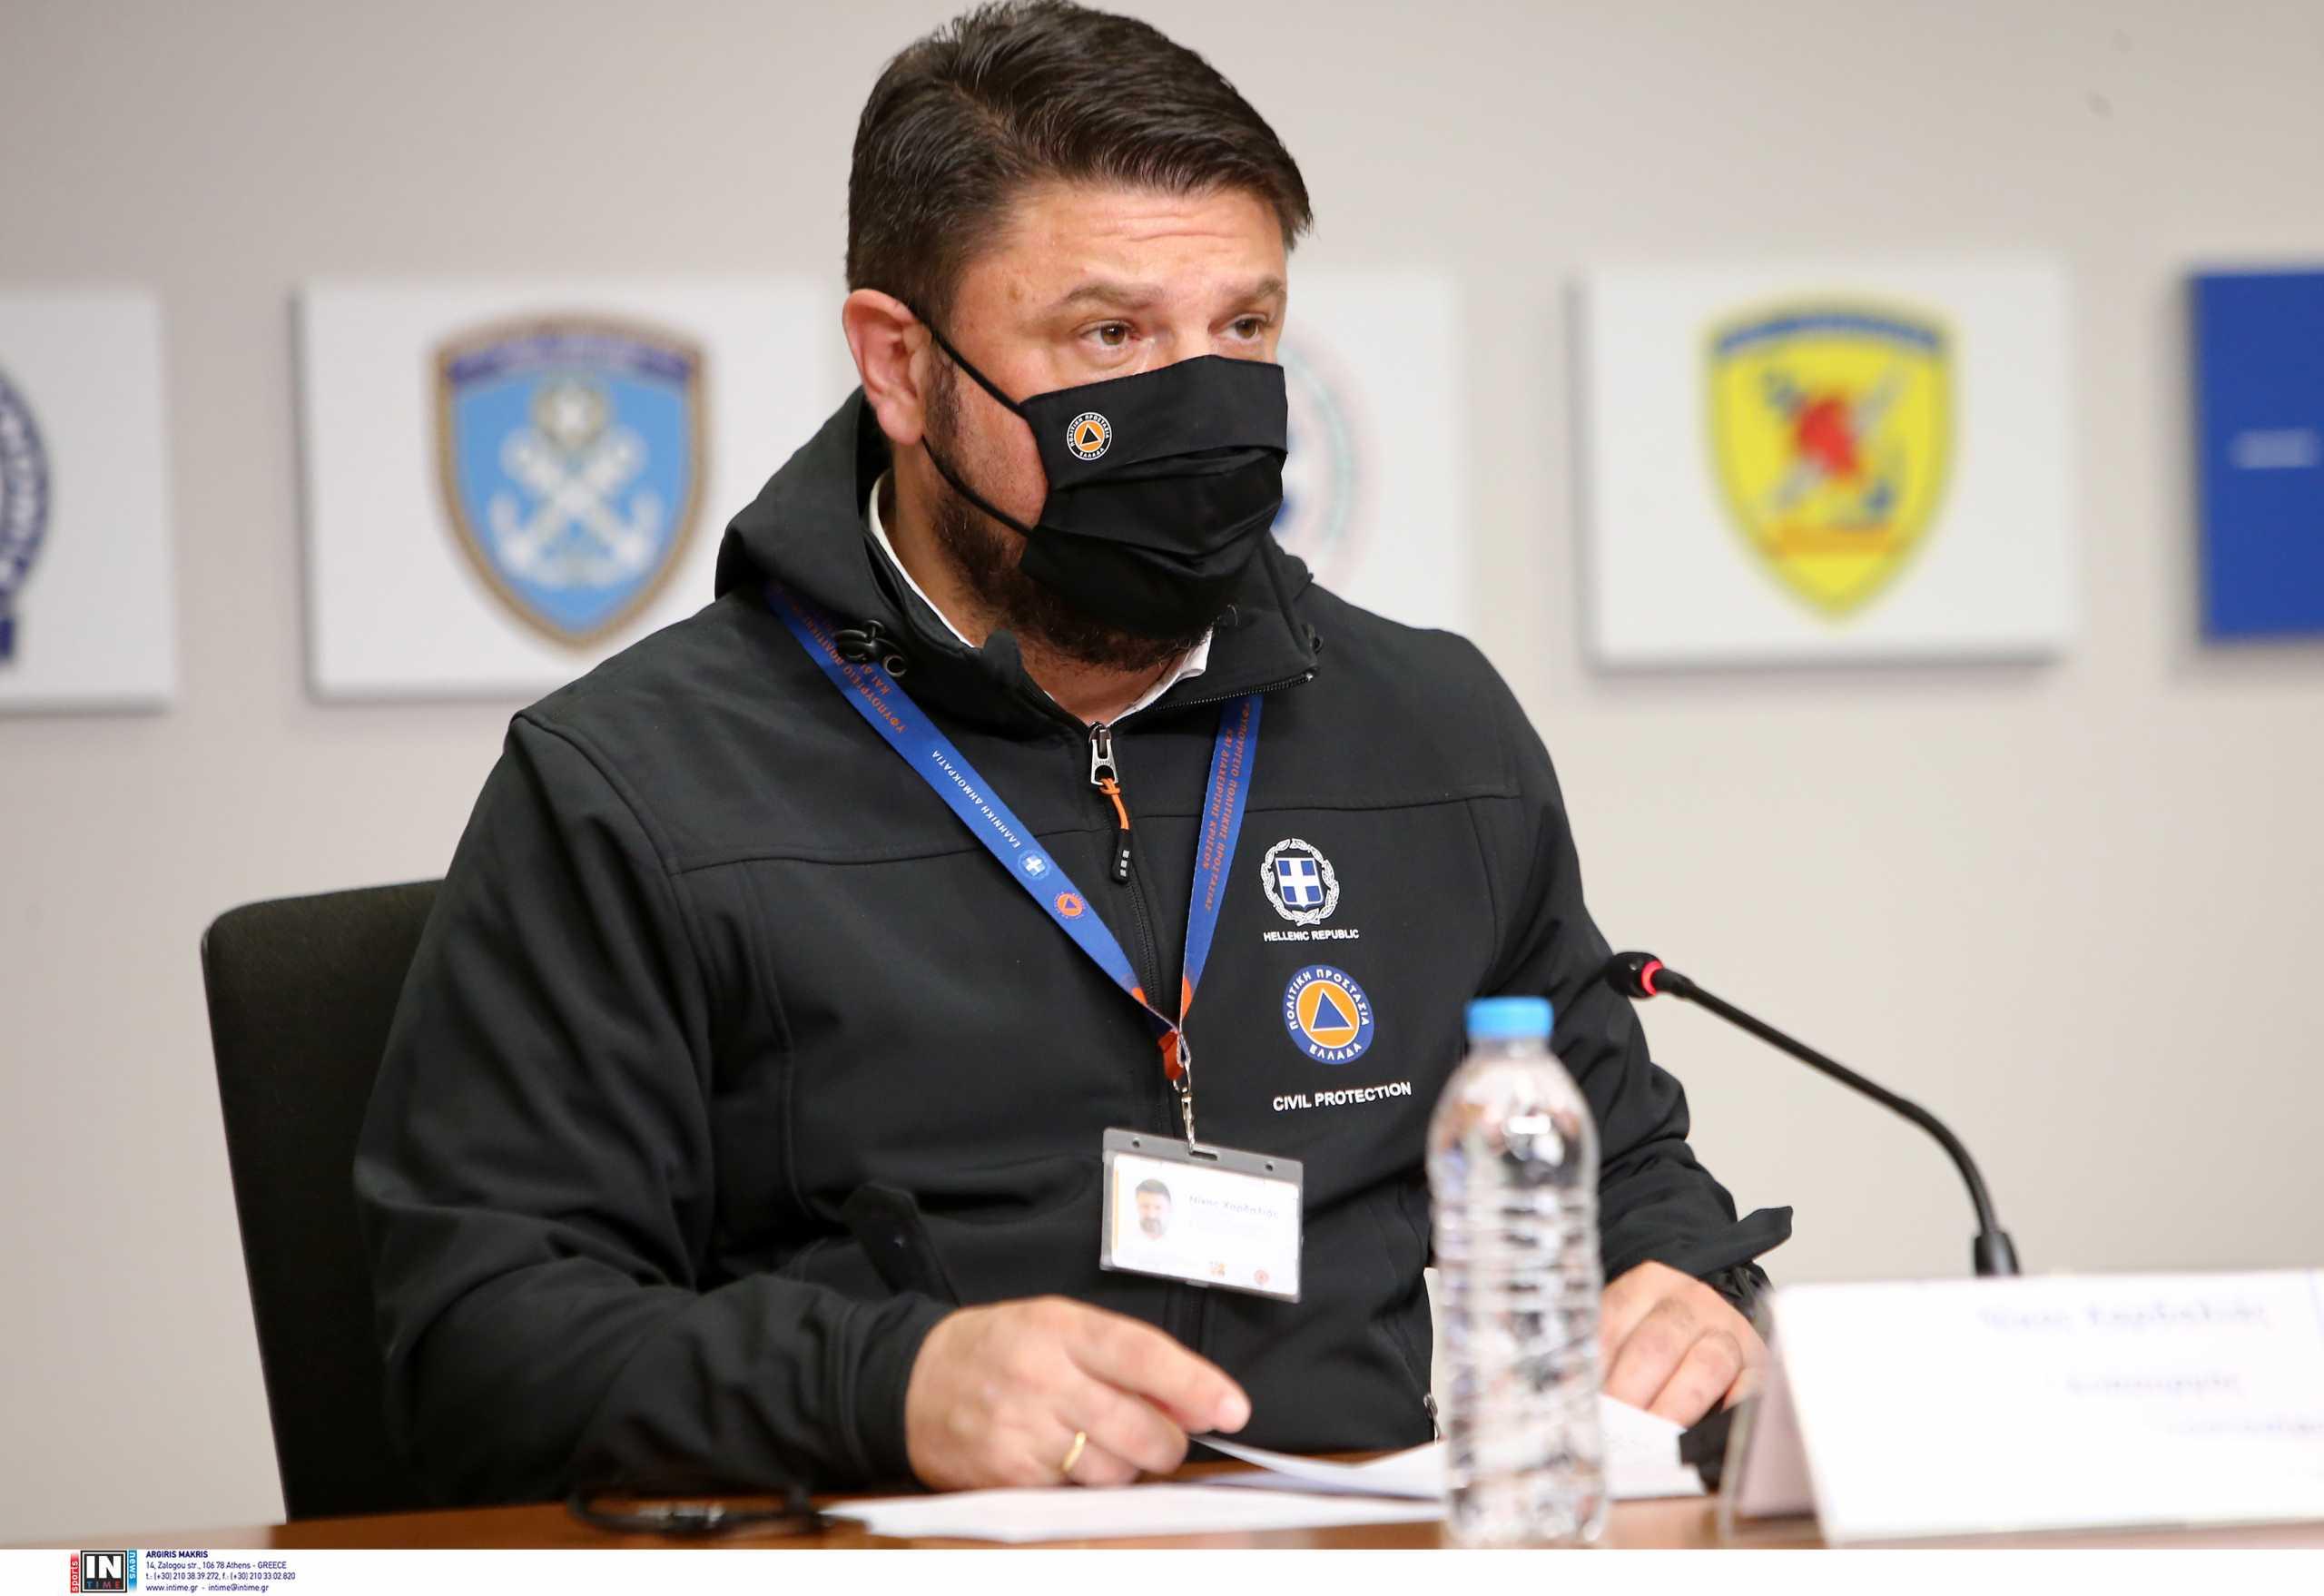 Νίκος Χαρδαλιάς: Διάψευση, αγωγή και μηνυτήρια αναφορά για δημοσίευμα πως με εντολή του «μπήκαν ασθενείς στη χώρα»